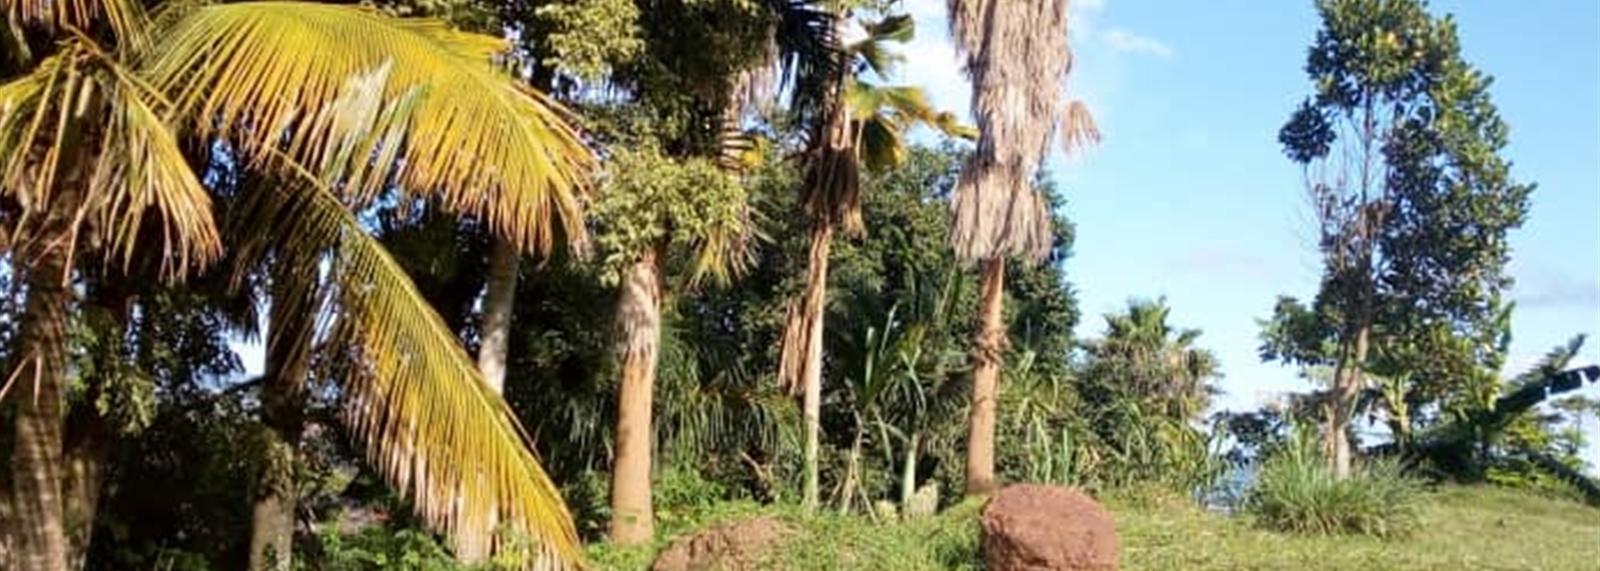 Mbuya